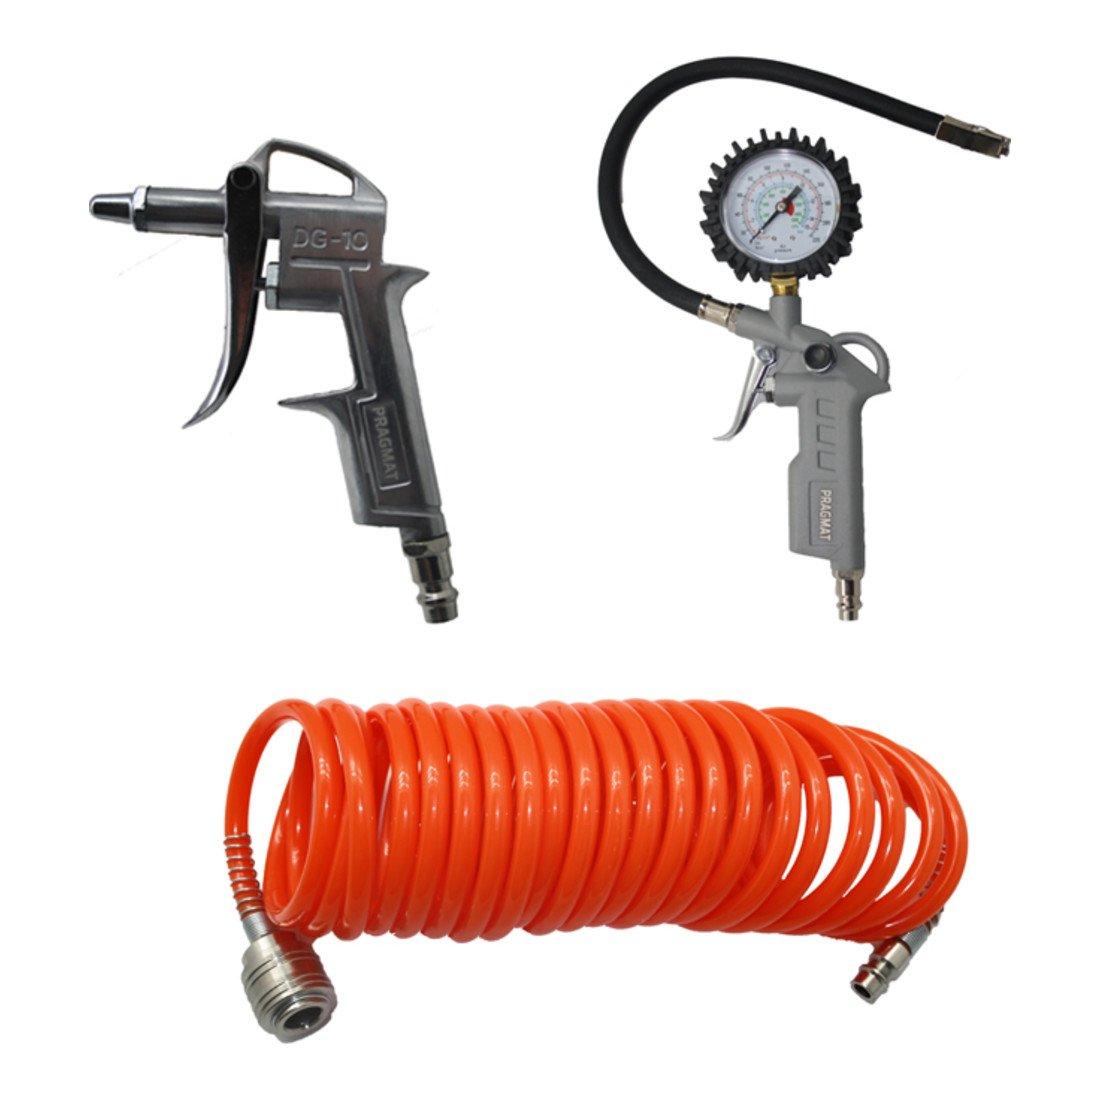 pragmat Impresió n Set de aire, 3 piezas, con manguera en espiral, Medidor de neumá ticos y manguera de aire comprimido, 5 m, con adaptador 3piezas Medidor de neumáticos y manguera de aire comprimido 5m